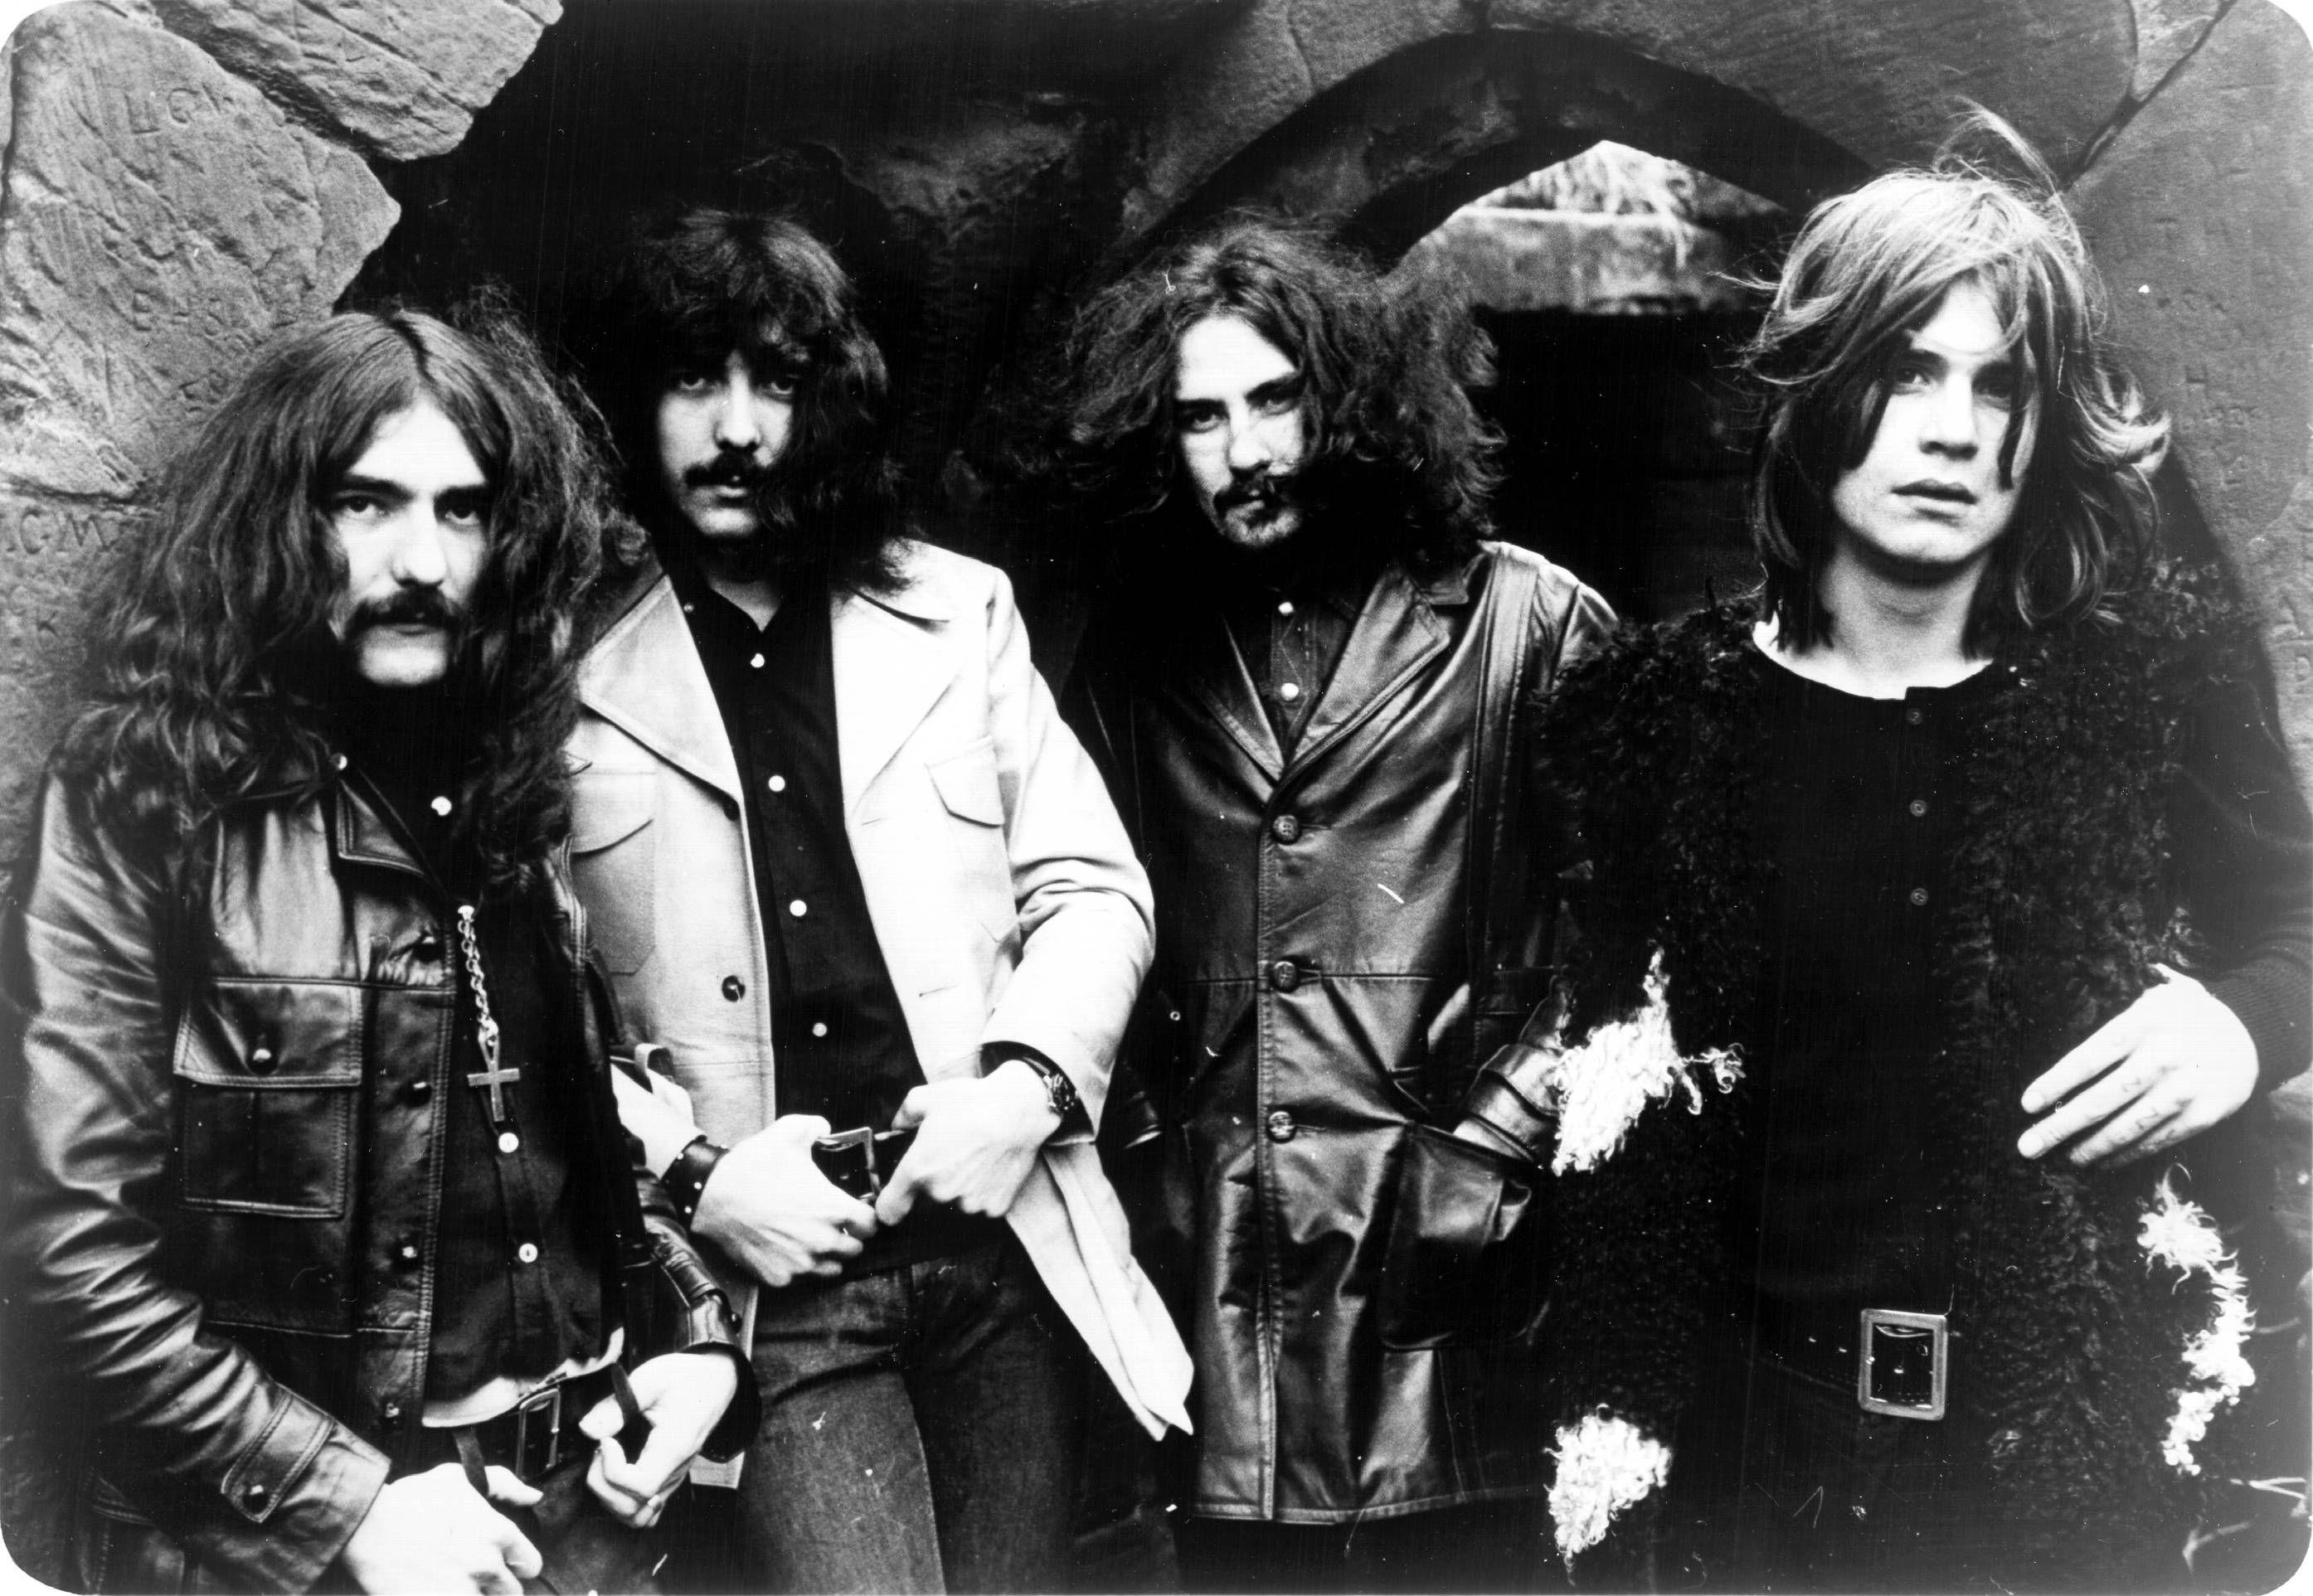 Von 1970 bis heute: Die Geschichte des Heavy Metal